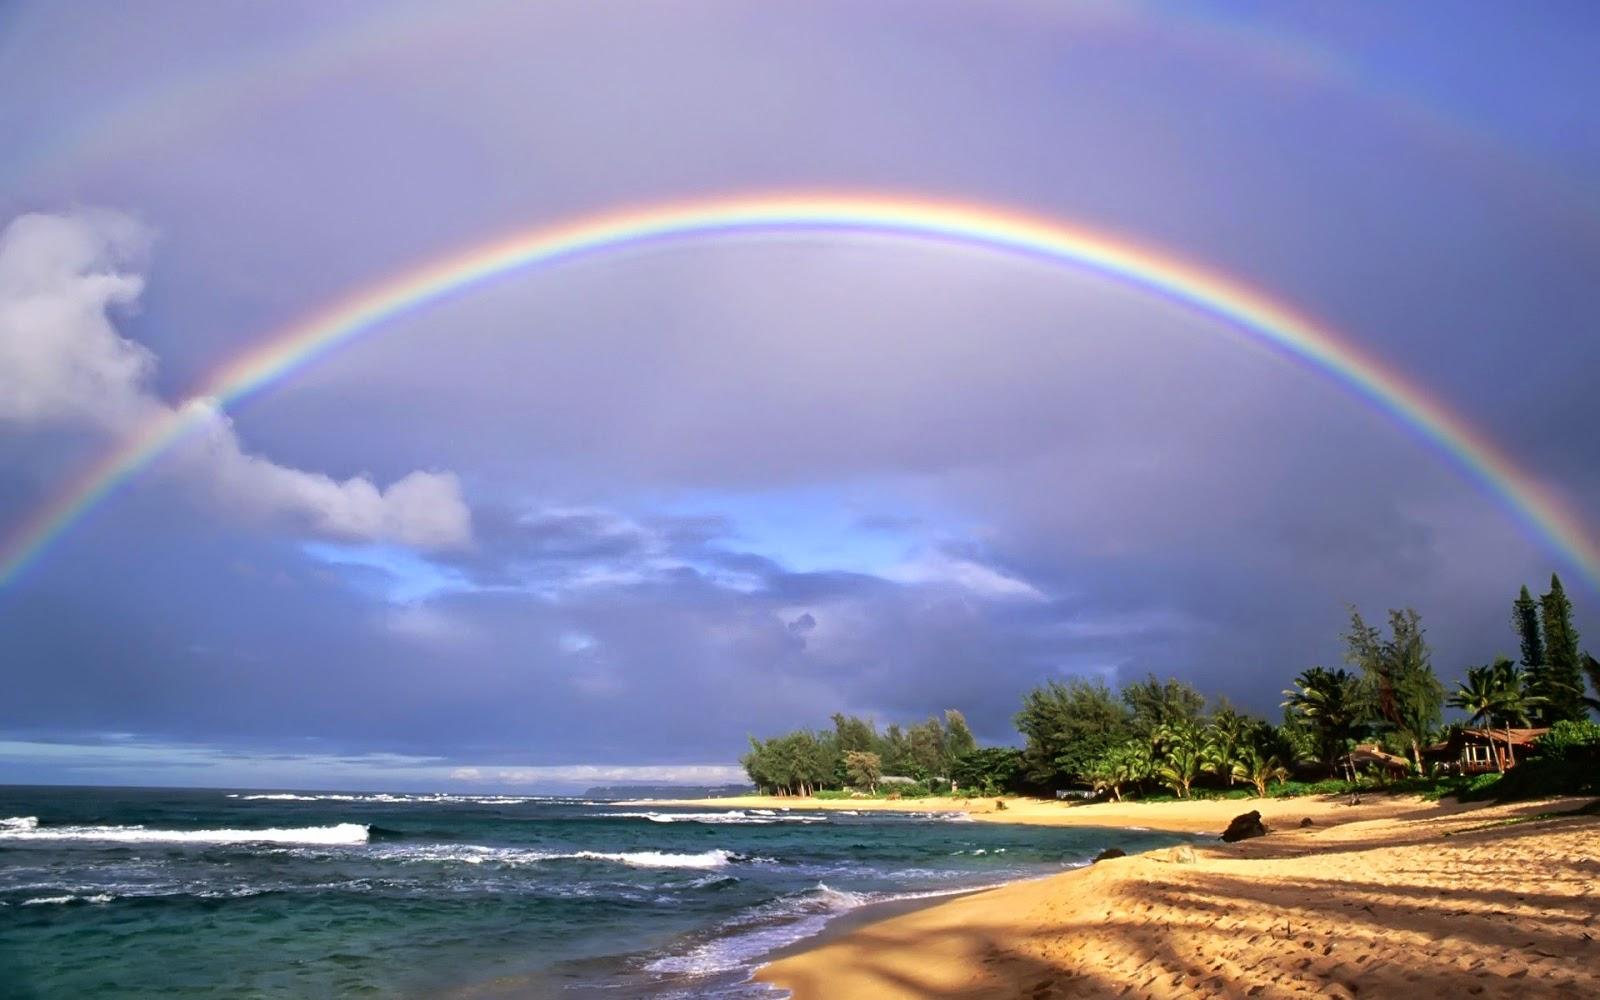 Ocean Rainbow wallpaper for your desktop